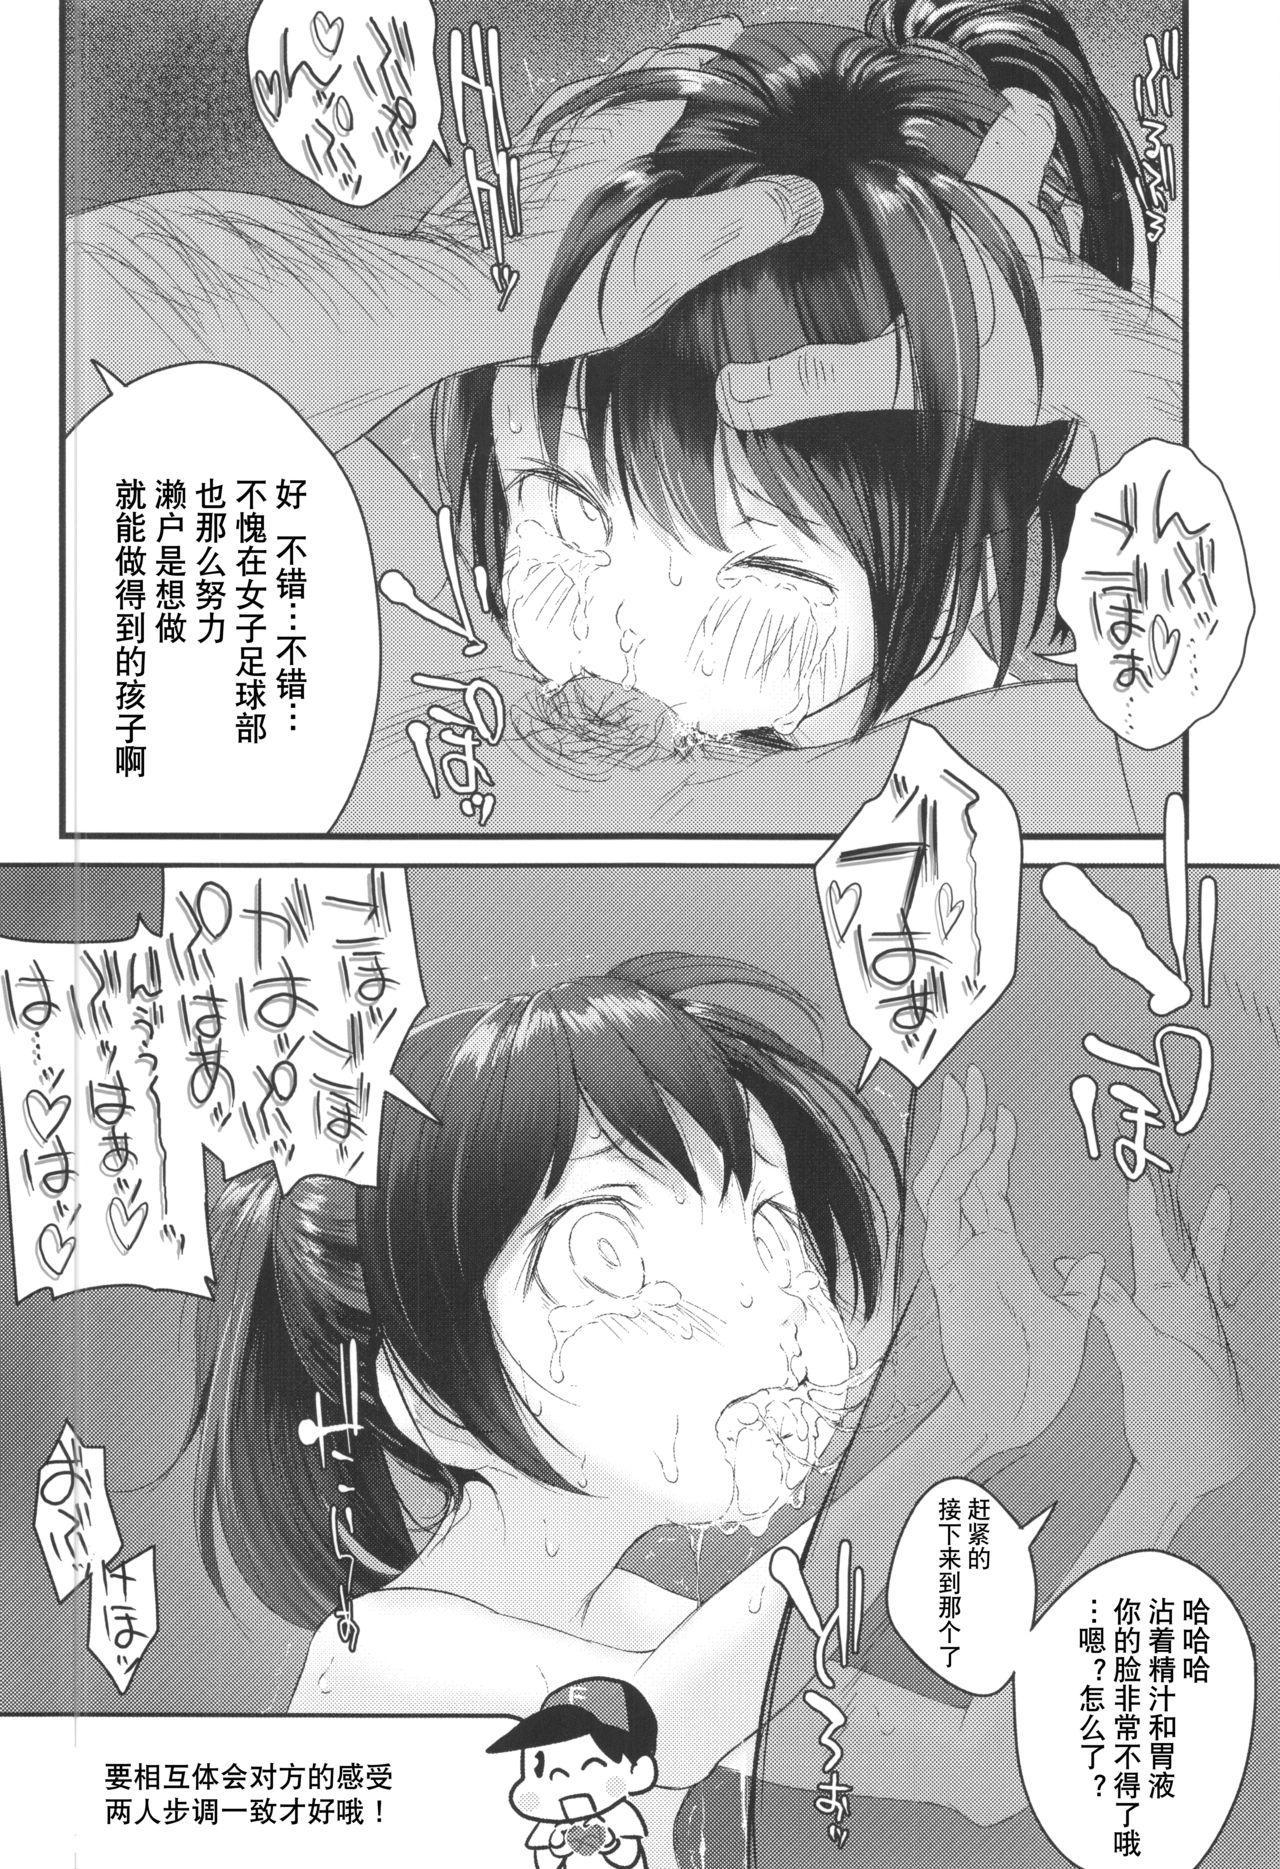 ©-sei de Manabu, Tadashii Sex Kouza 15